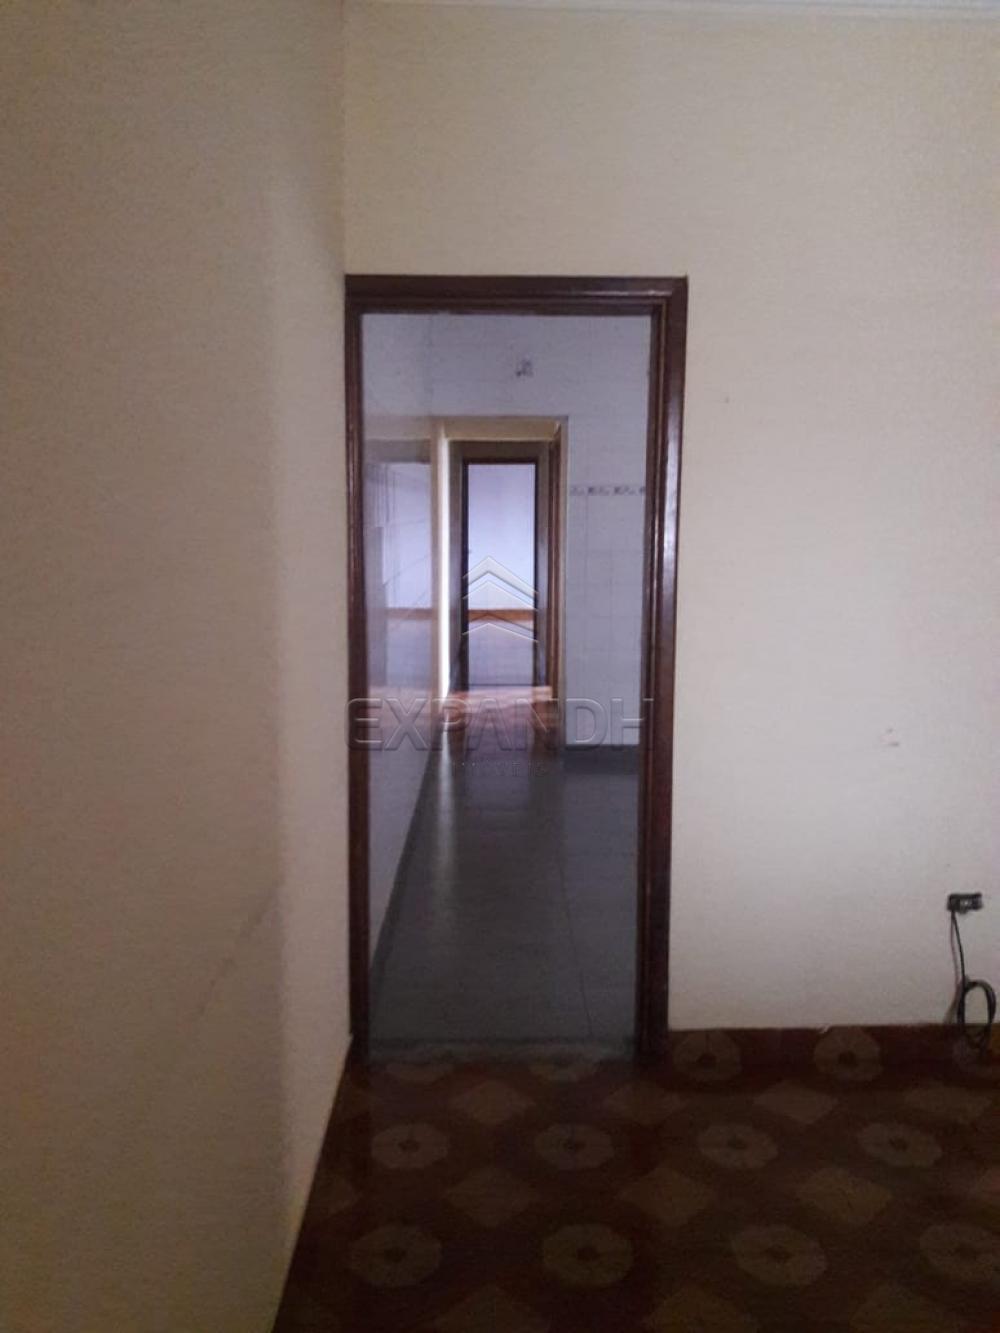 Comprar Casas / Padrão em Sertãozinho apenas R$ 132.000,00 - Foto 9